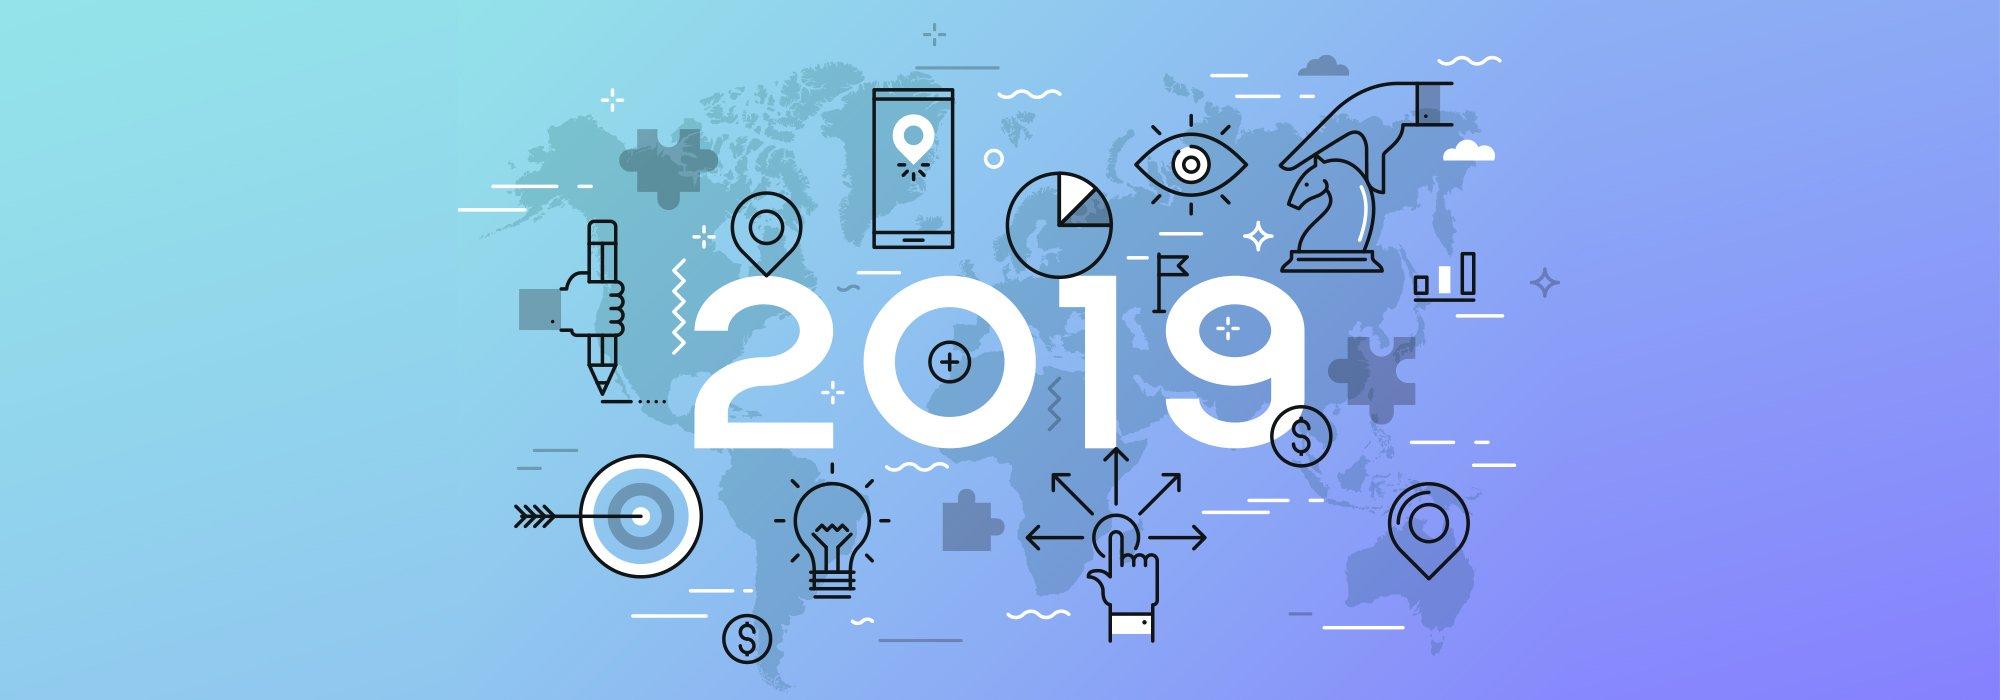 Un anno sotto il segno della comunicazione: <br>i trend 2019 da conoscere.